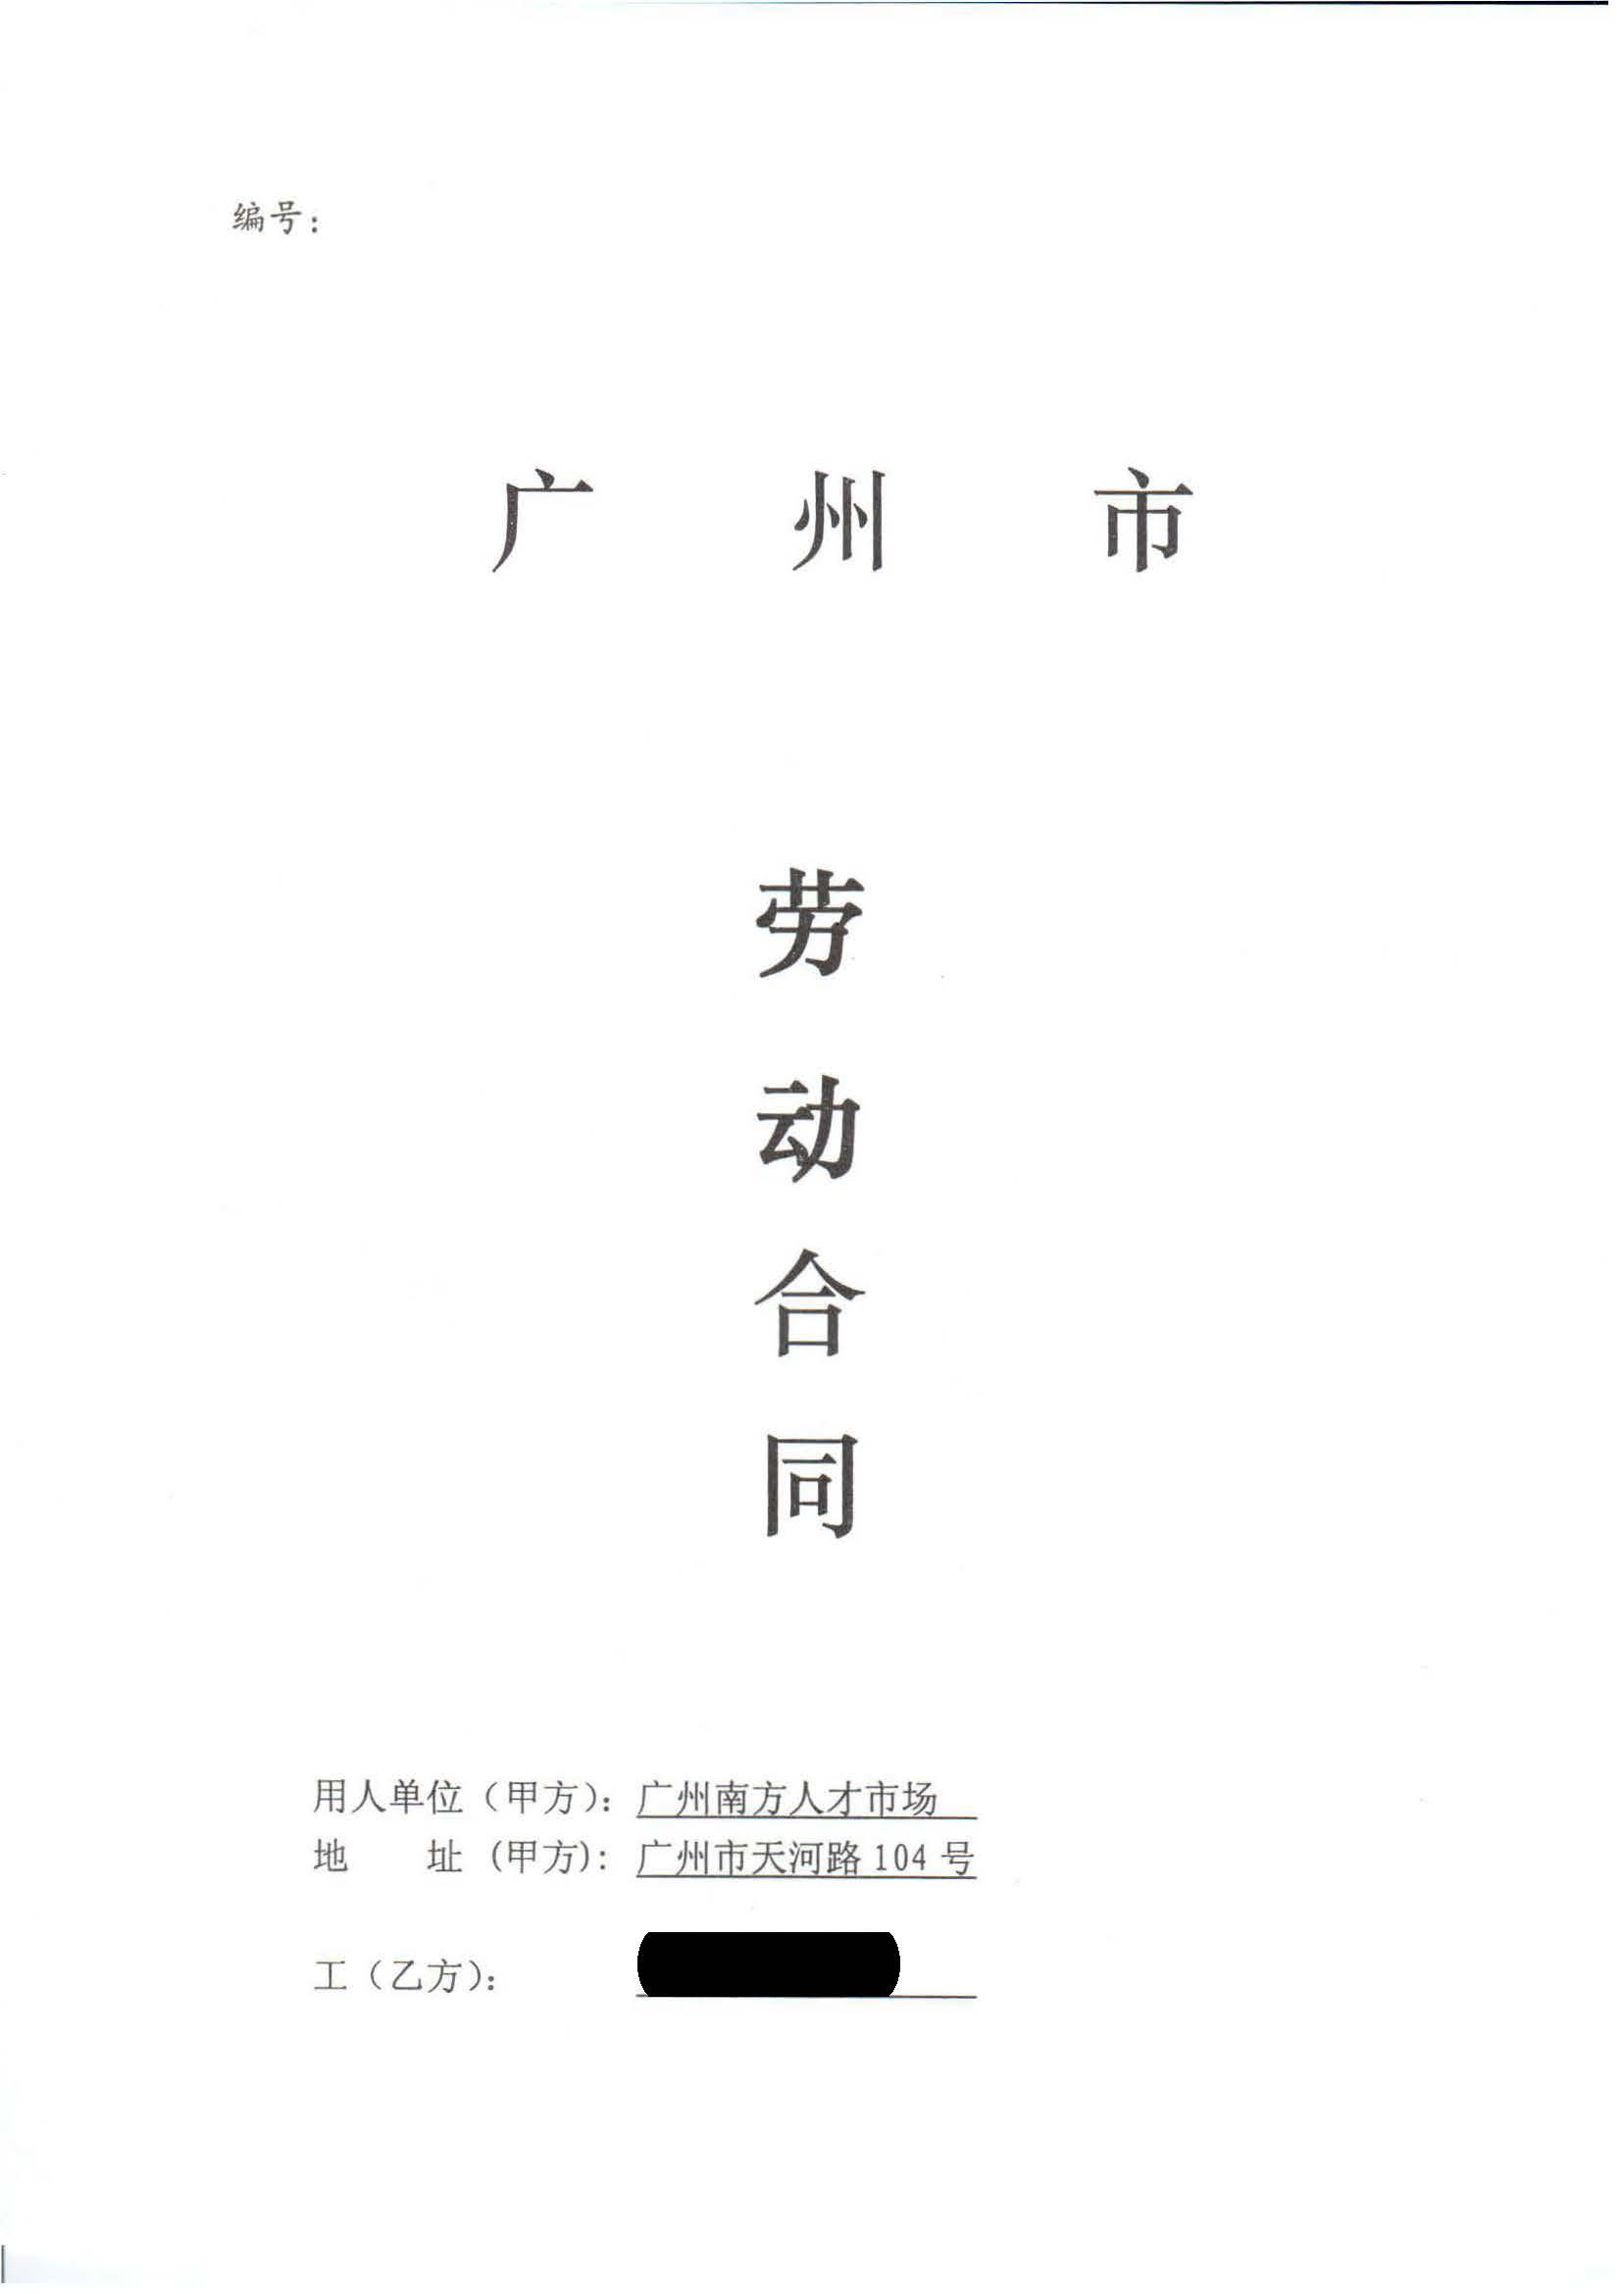 劳务派遣合同_页面_01